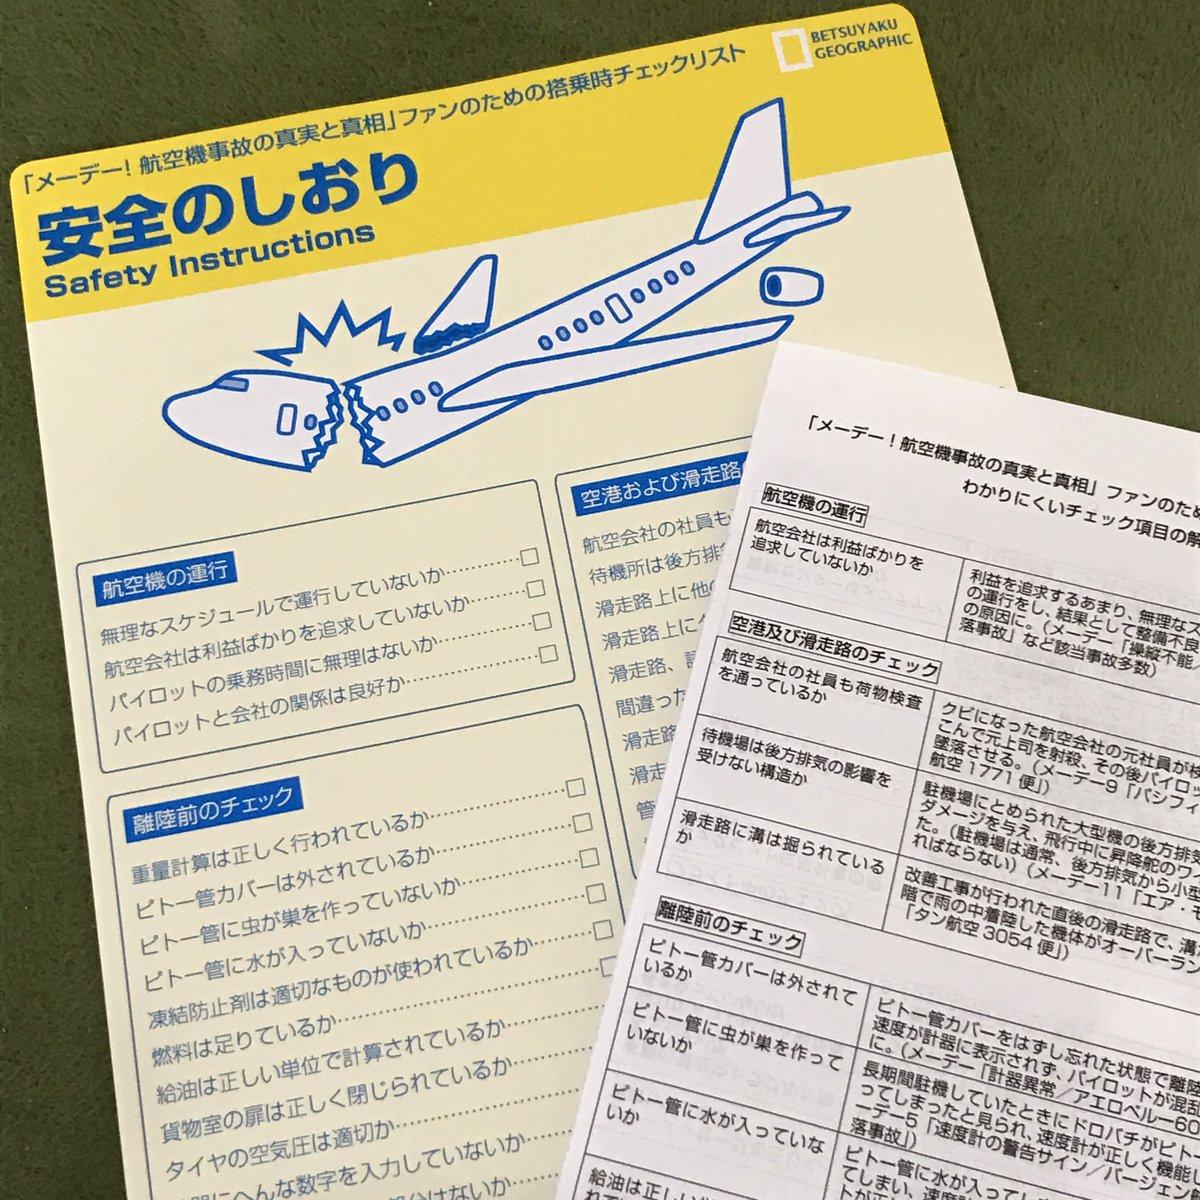 「メーデー!航空機事故の真実と真相」ファンのためのチェックリスト(安全のしおり風)を作りました。コミケで販売します。搭乗時にチェックして安心しよう!わかりにくい項目の解説つき。お求めは3日目東O31aで! https://t.co/rKVSe68ykY